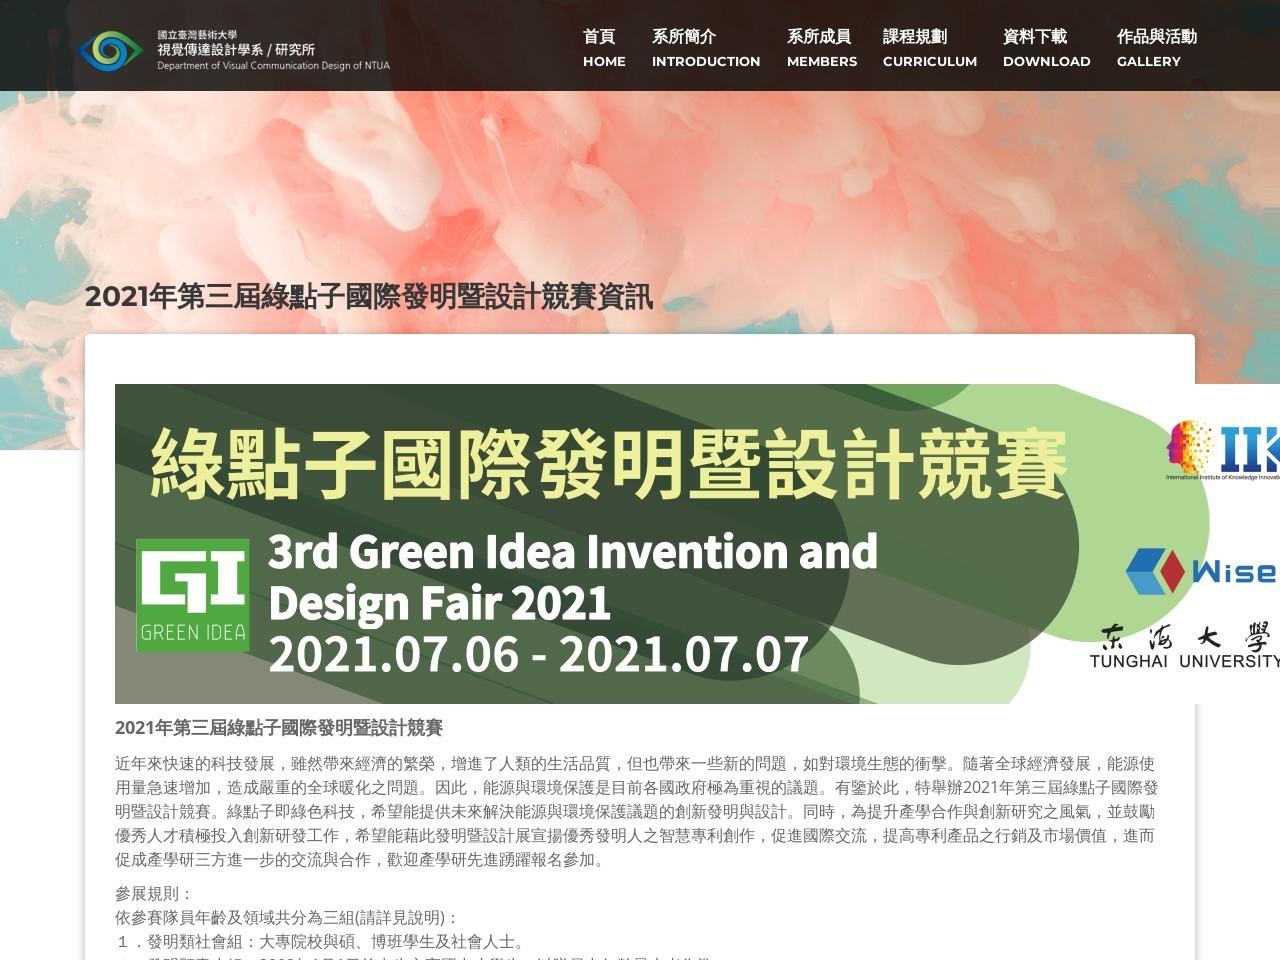 2021年第三屆綠點子國際發明暨設計競賽資訊